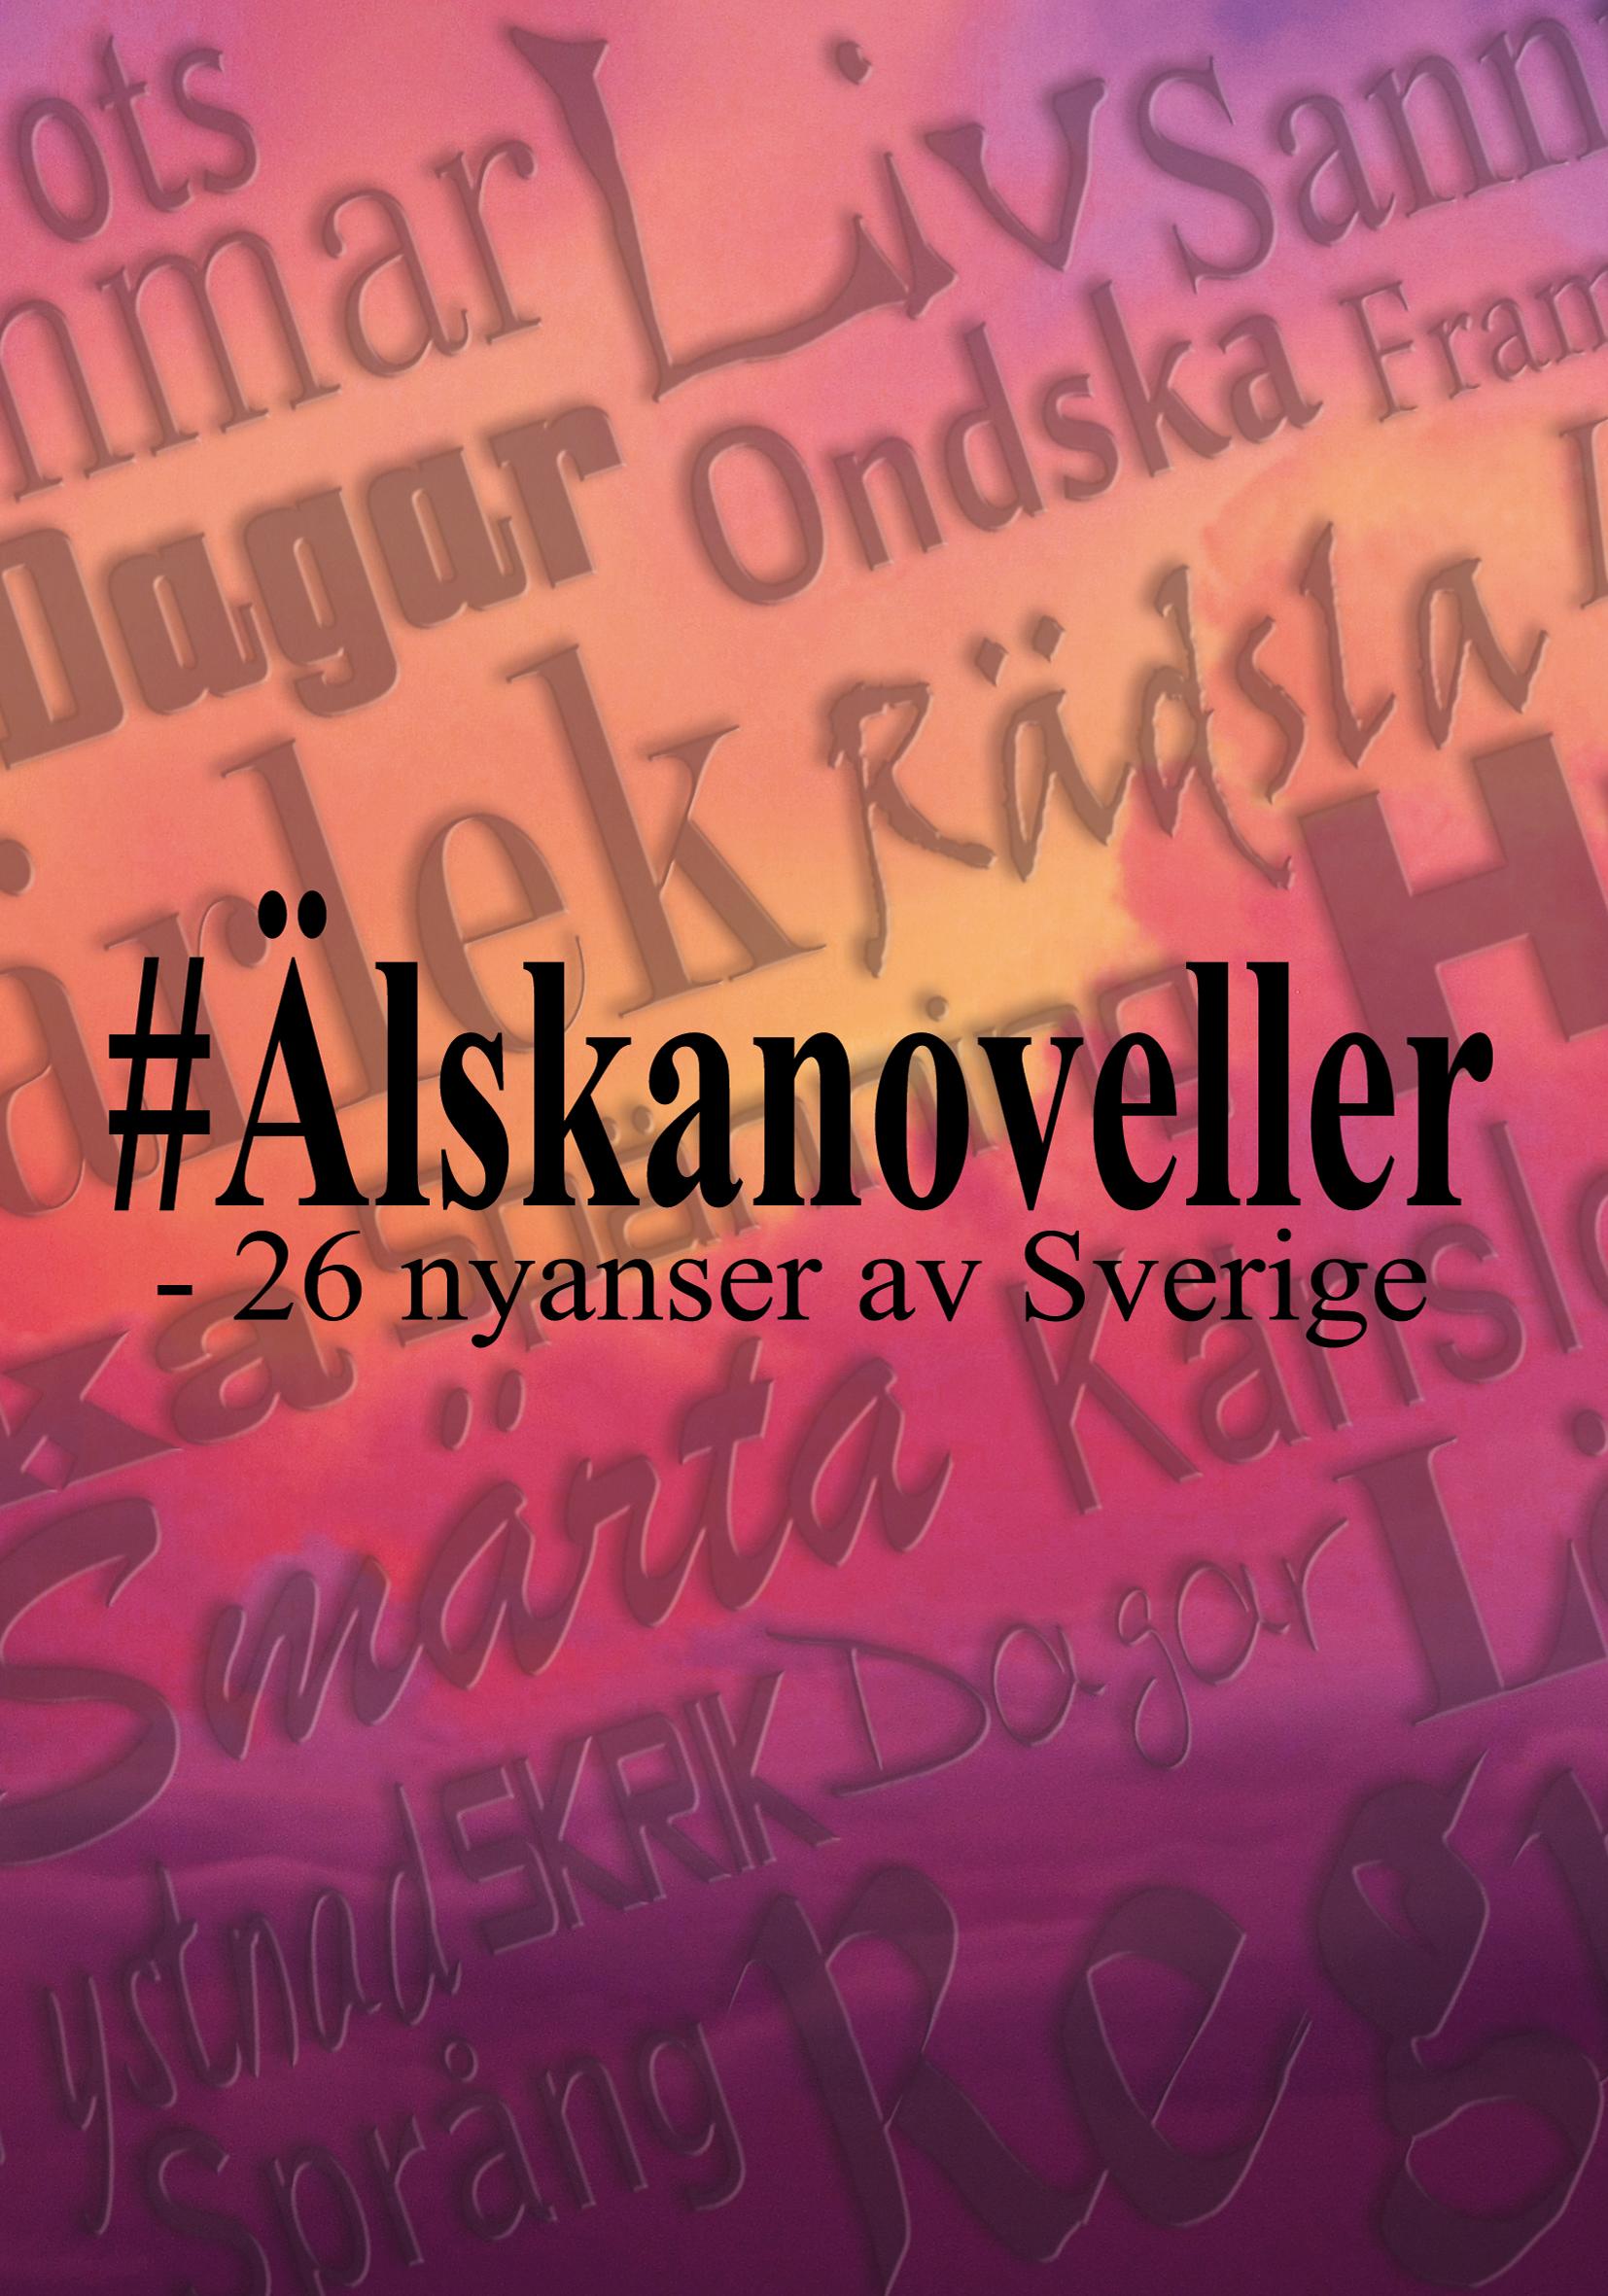 Omslag 26 nyanser av Sverige